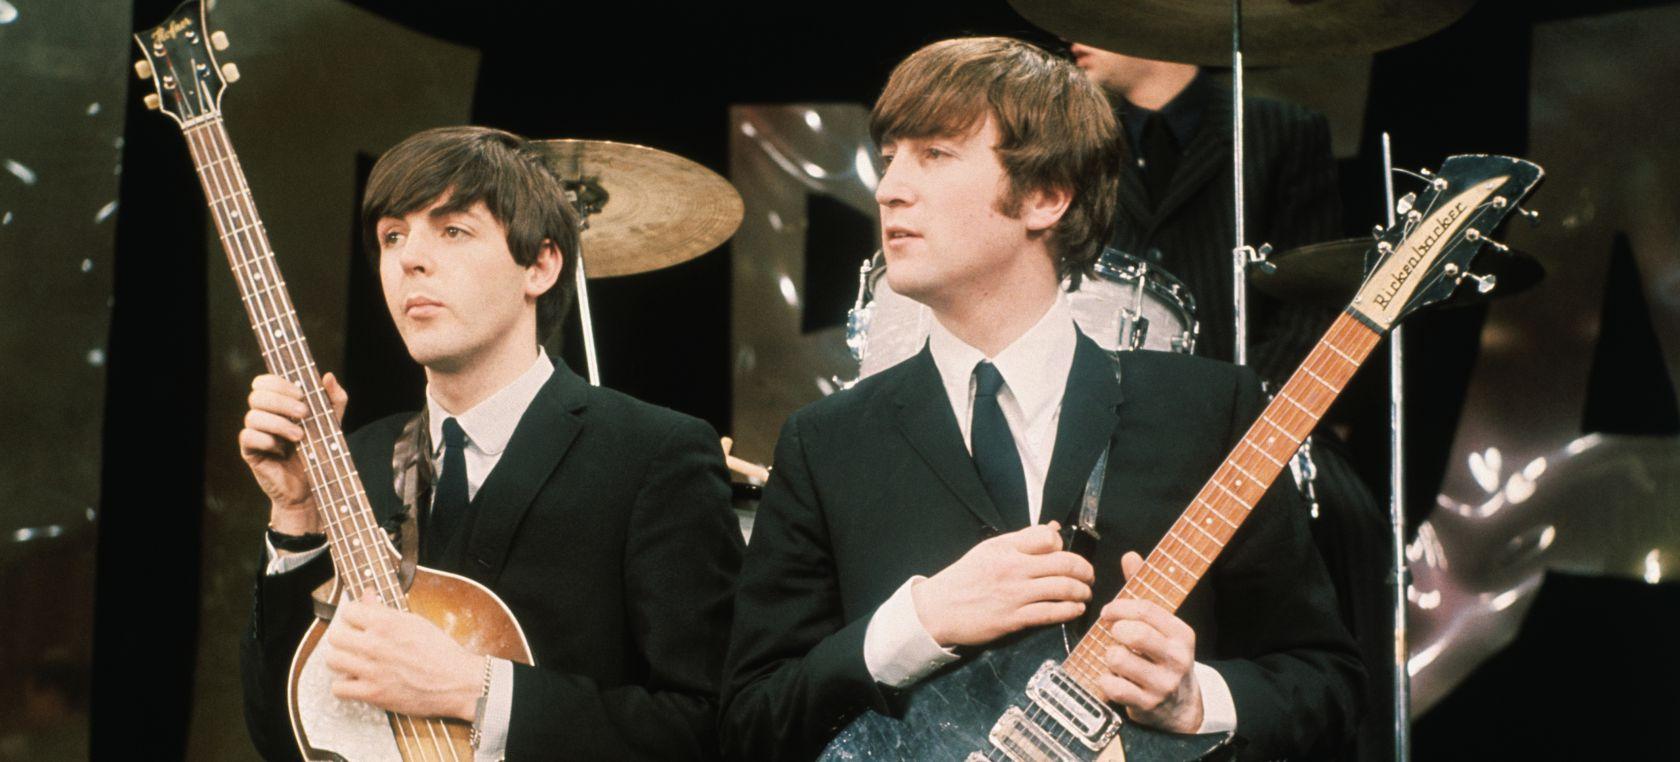 John Lennon y Paul McCartney: un encuentro histórico entre puestos de refresco y pasteles